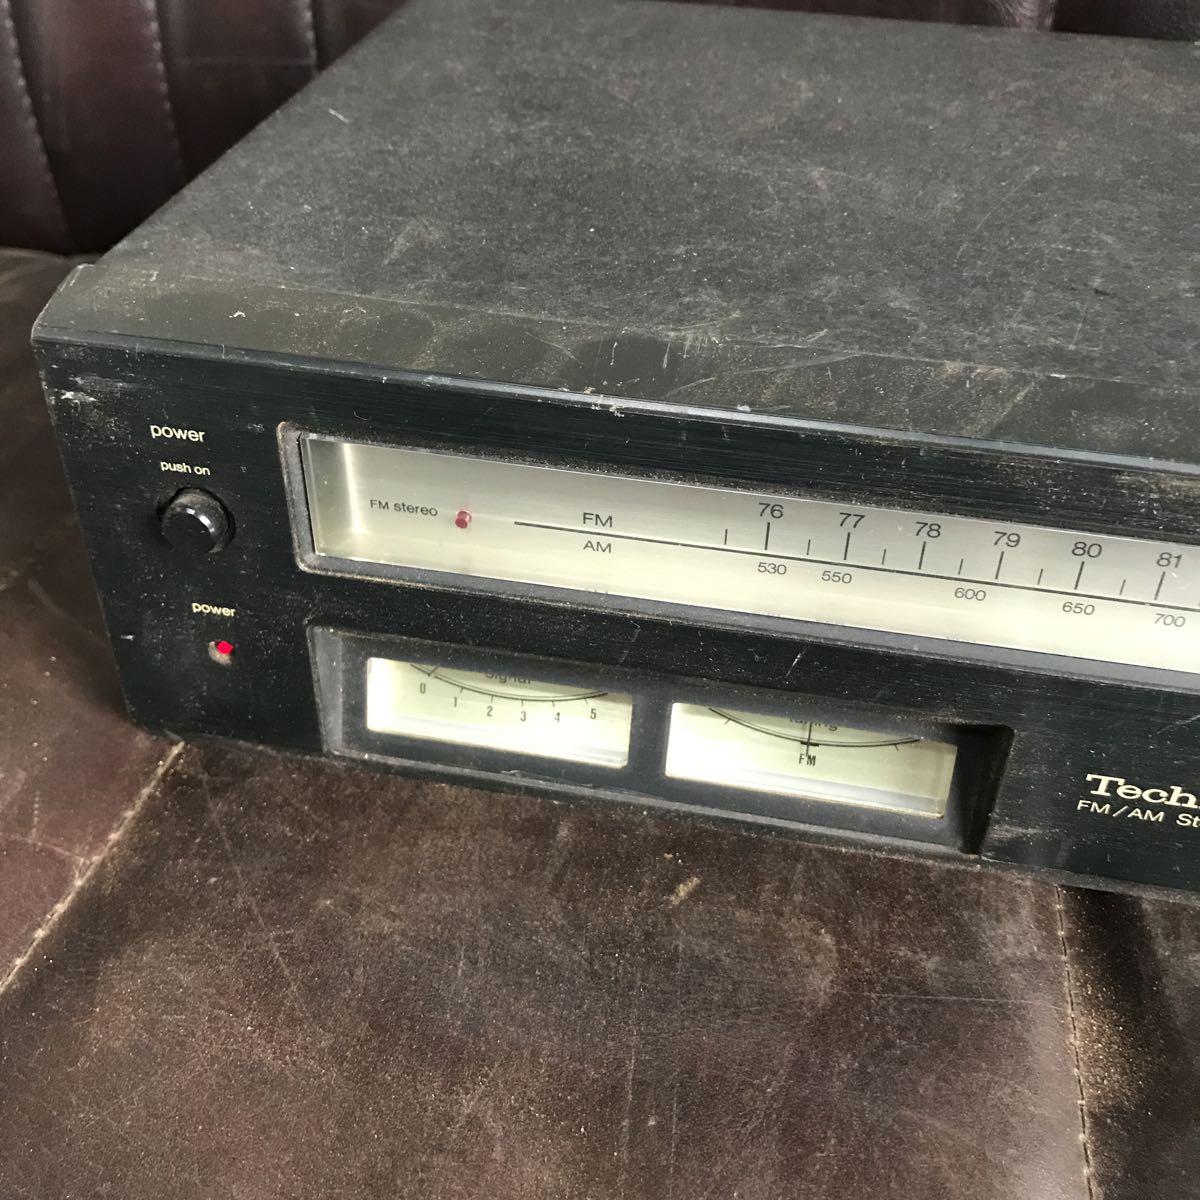 Technics テクニクス FM/AMチューナー ST-2400 通電のみ確認_画像3